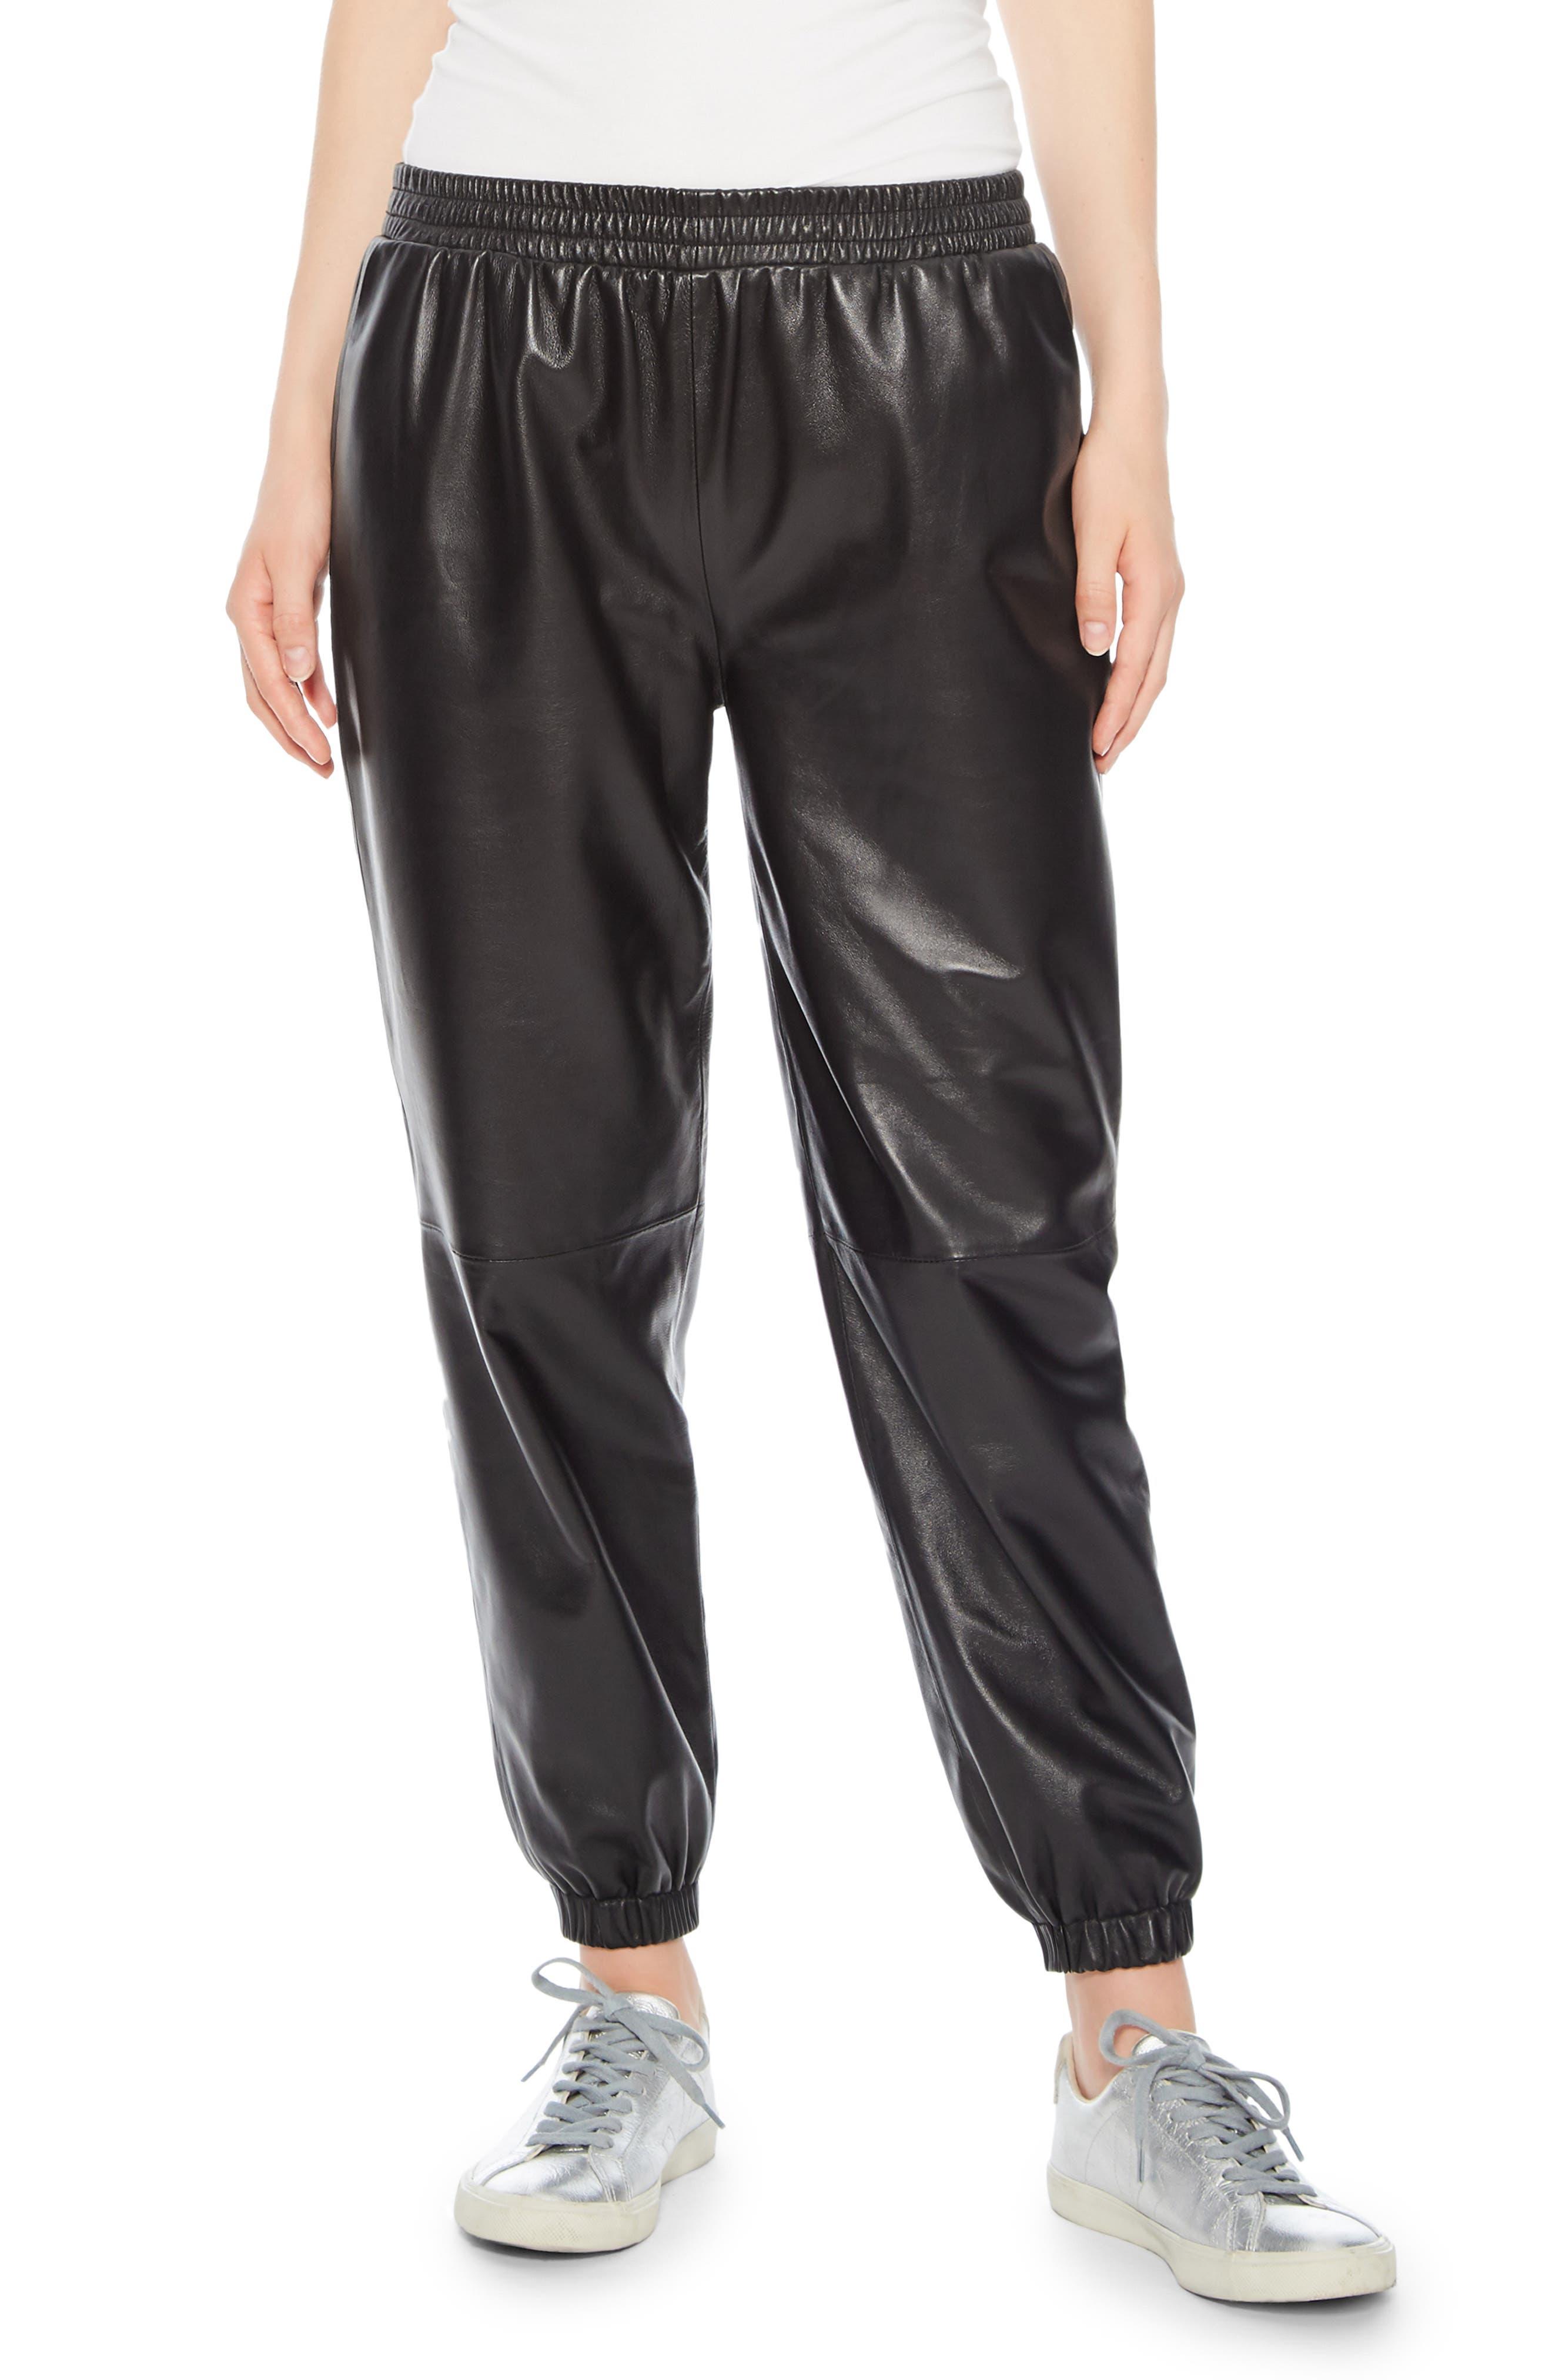 Eavan Leather Jogger Pants,                             Main thumbnail 1, color,                             001